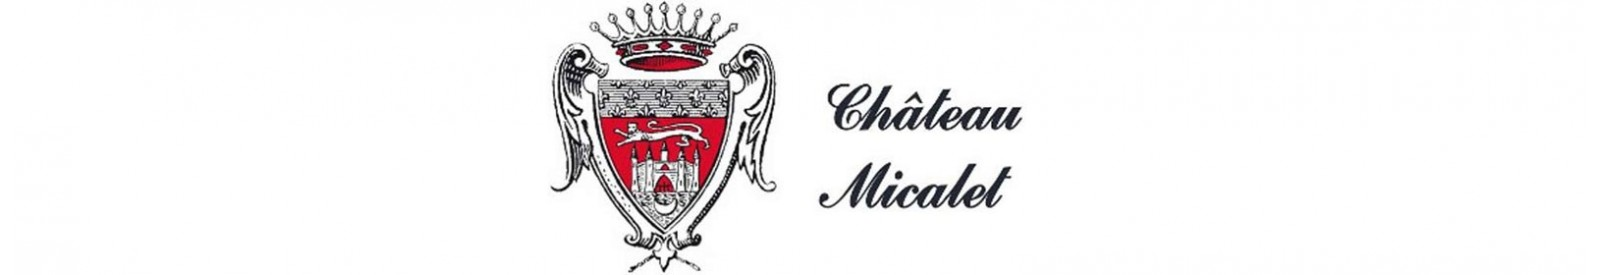 Château Micalet - vin bio